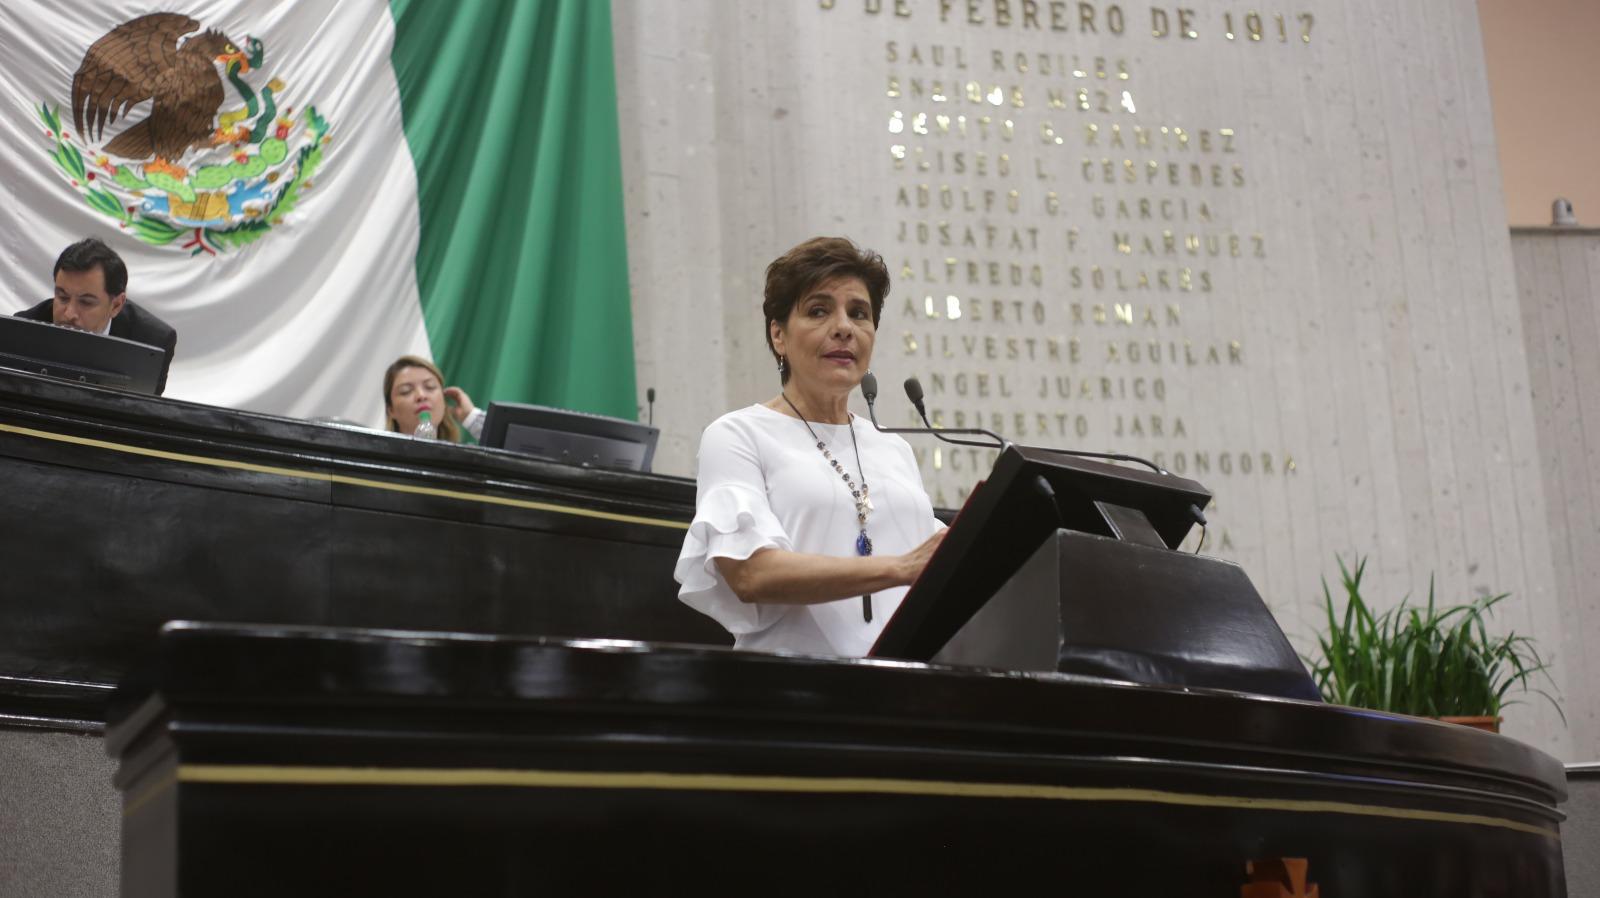 Mecanismos de consulta ciudadana deben apegarse a Ley de Referendo, Plebiscito e Iniciativa Popular: Mariely Manterola